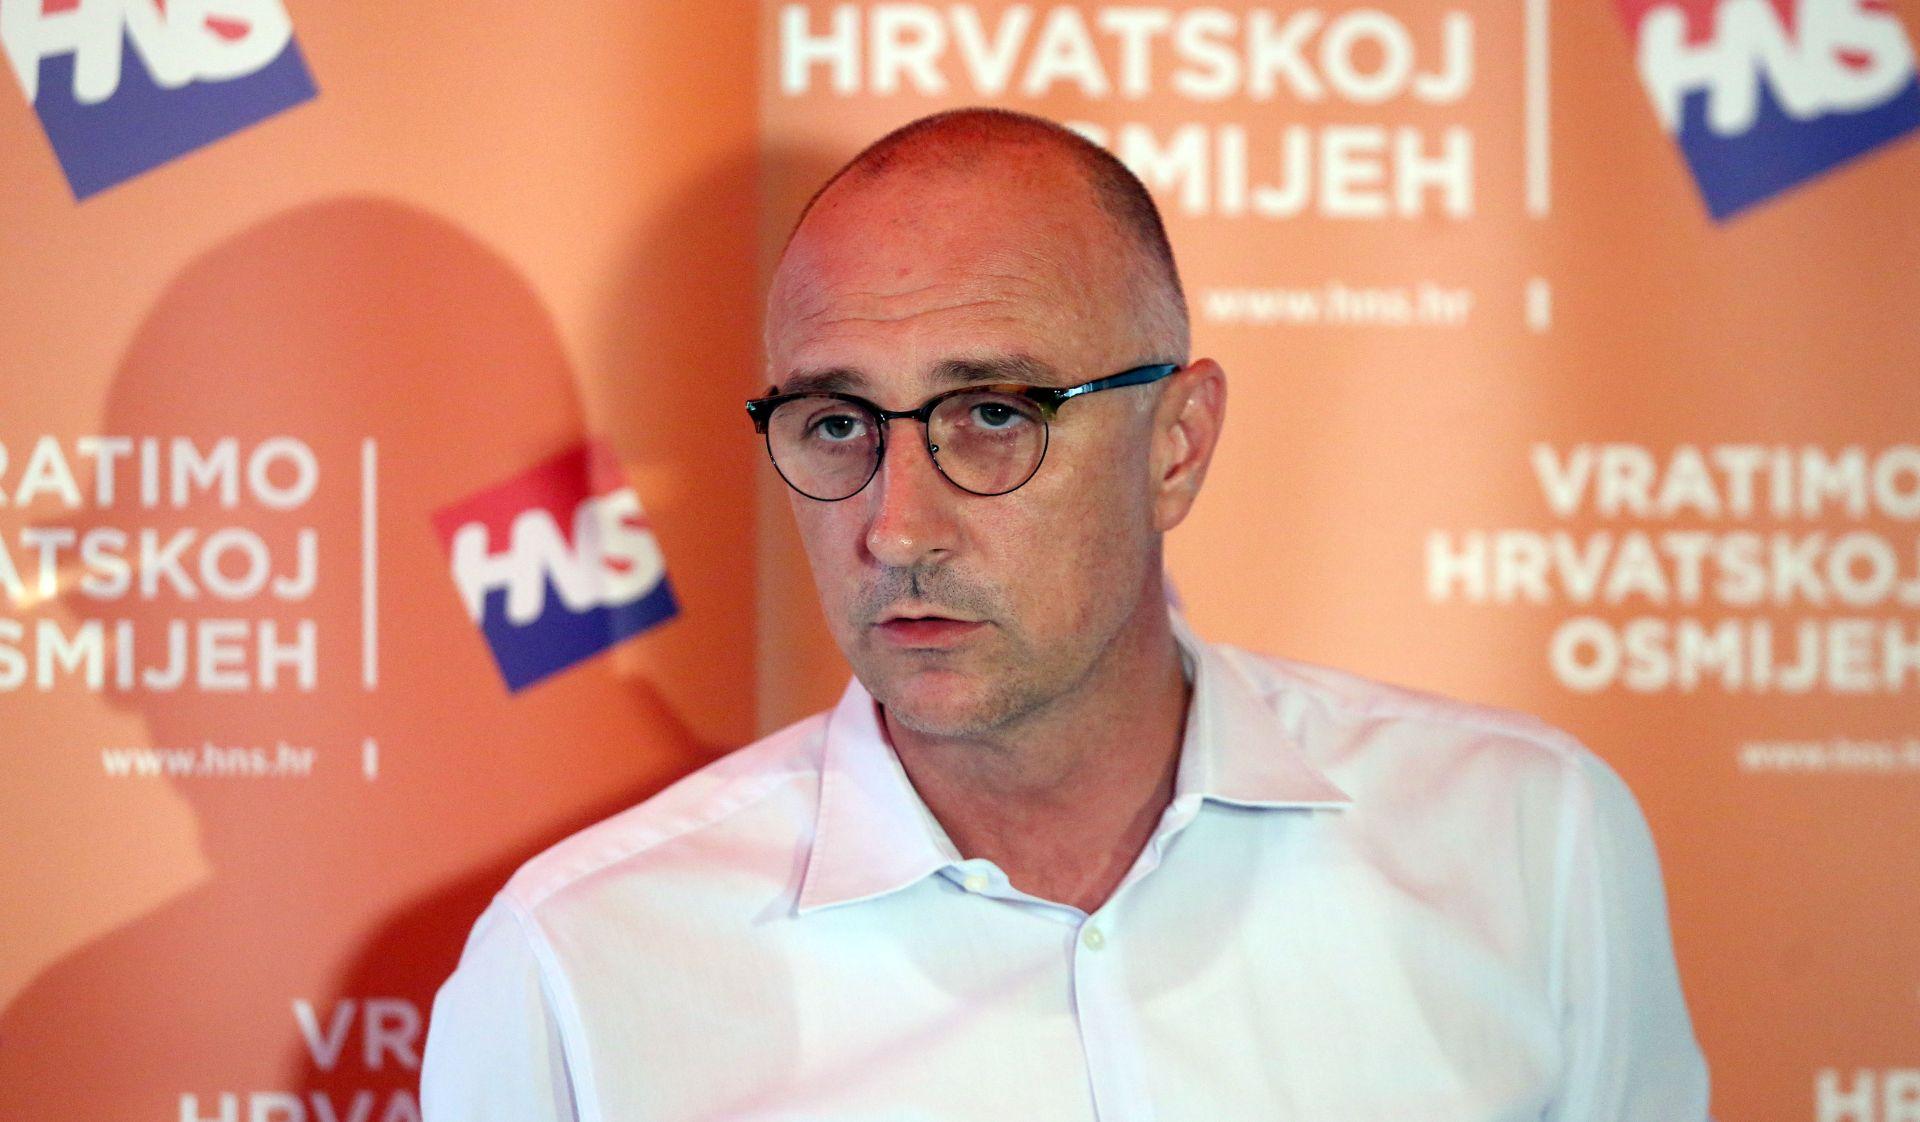 """Povratak Vrdoljaka na čelo HNS-a: """"Žao mi je što sam dao ostavku"""""""